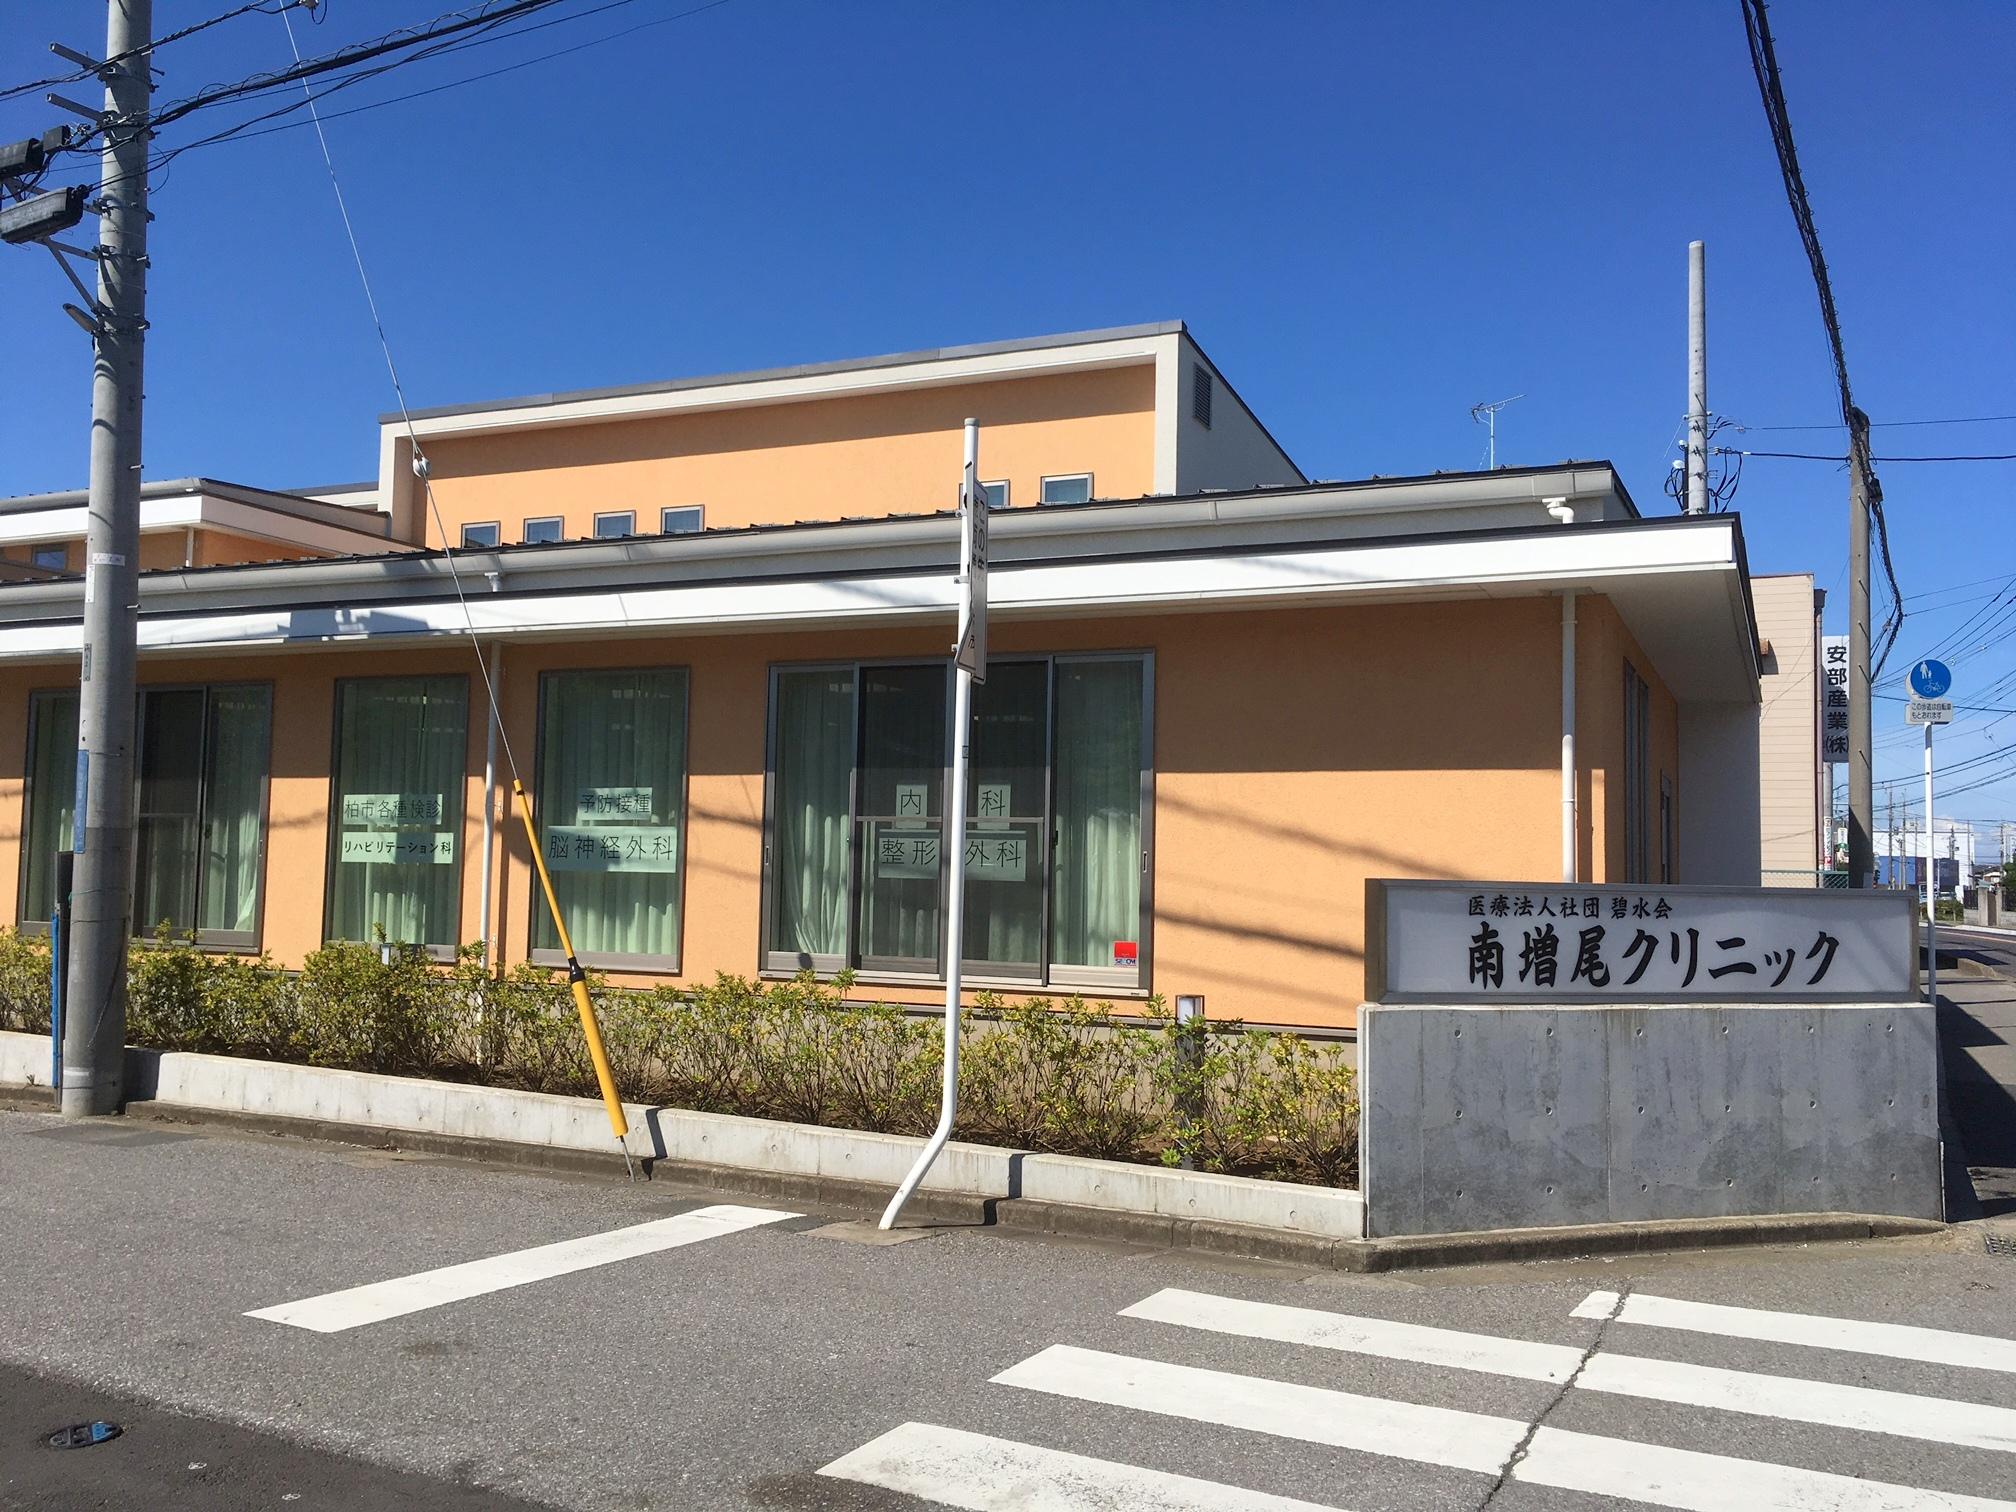 総合病院:南増尾クリニック 968m